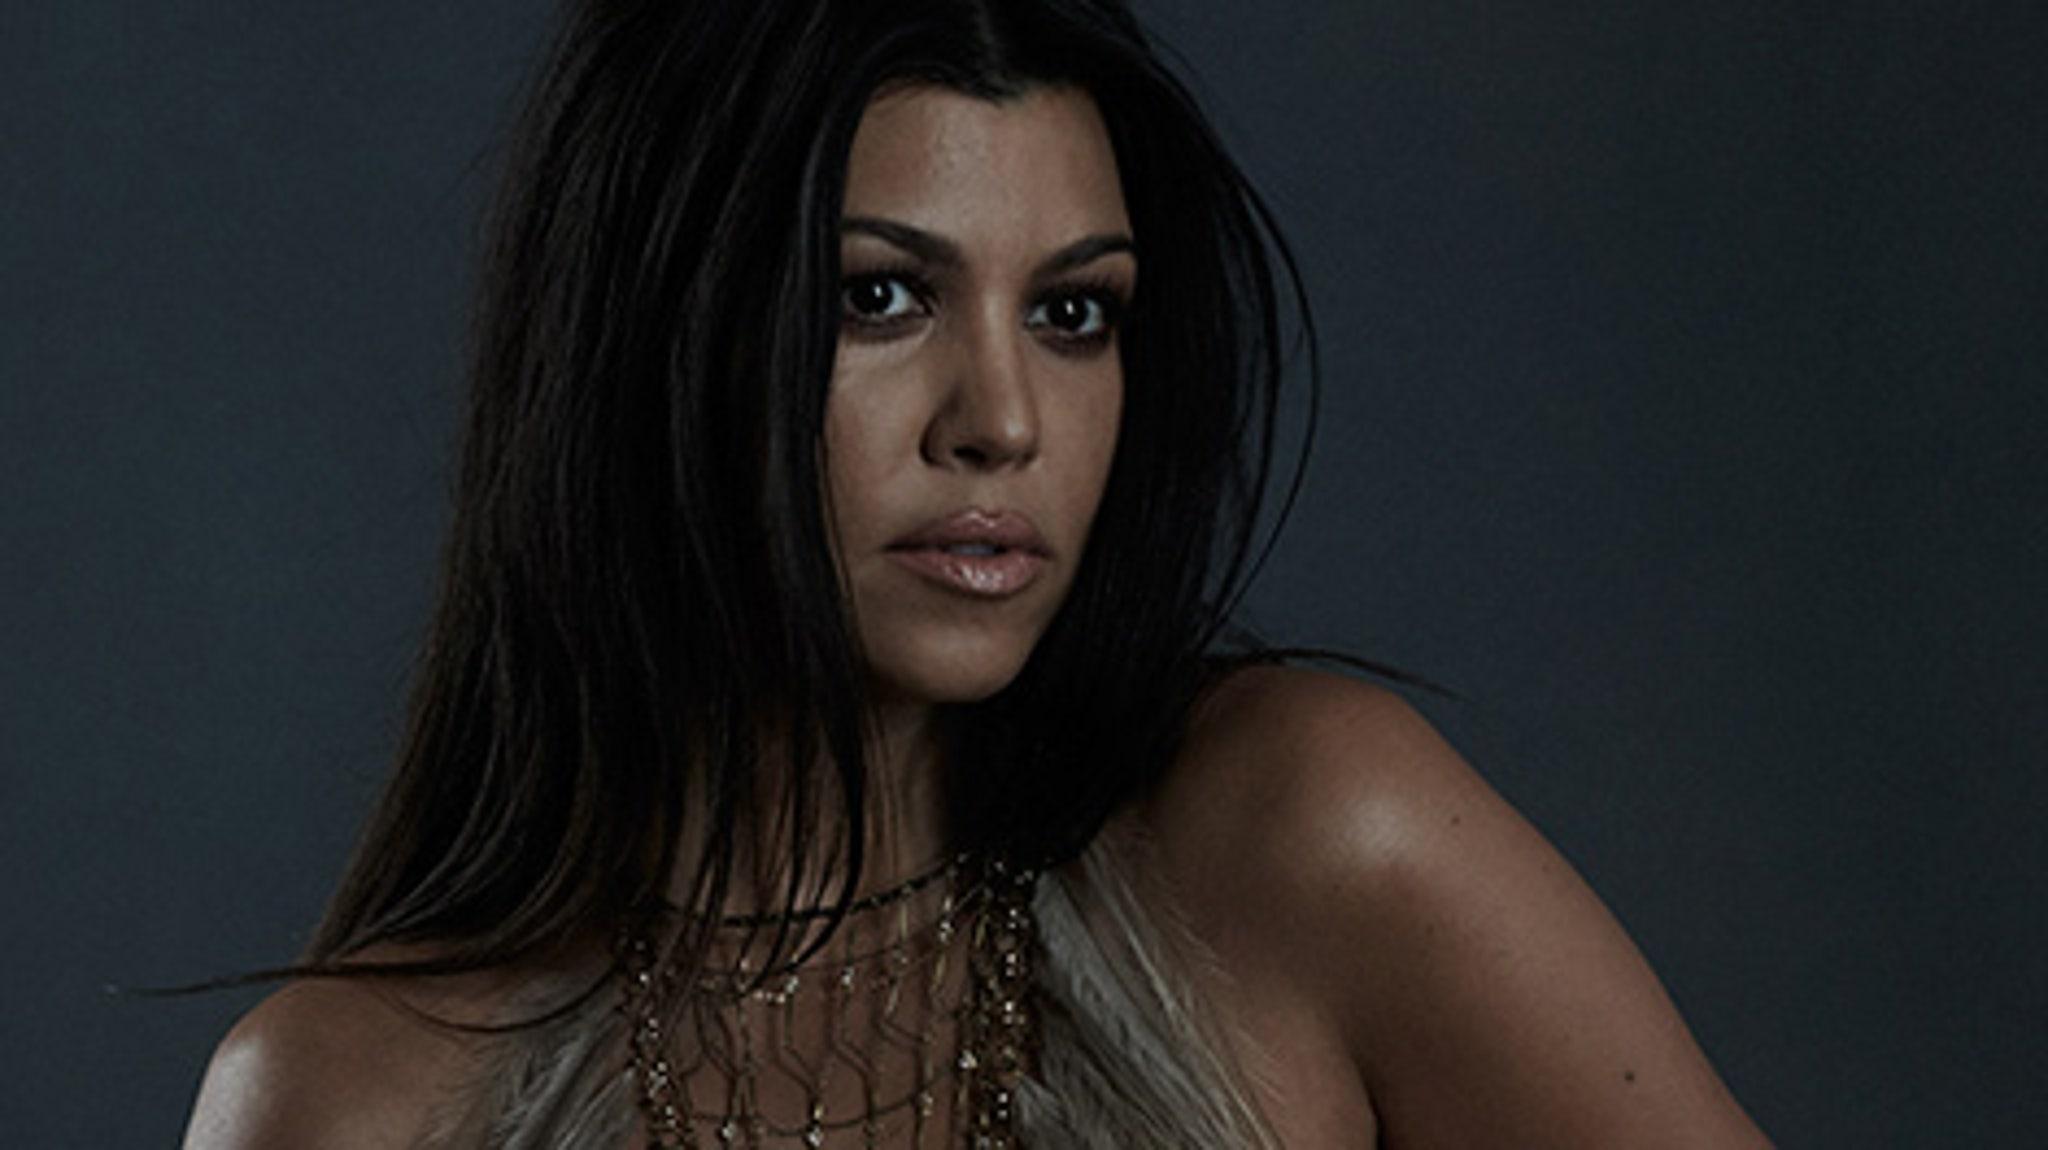 Kourtney Kardashian poses pregnant, nude for magazine